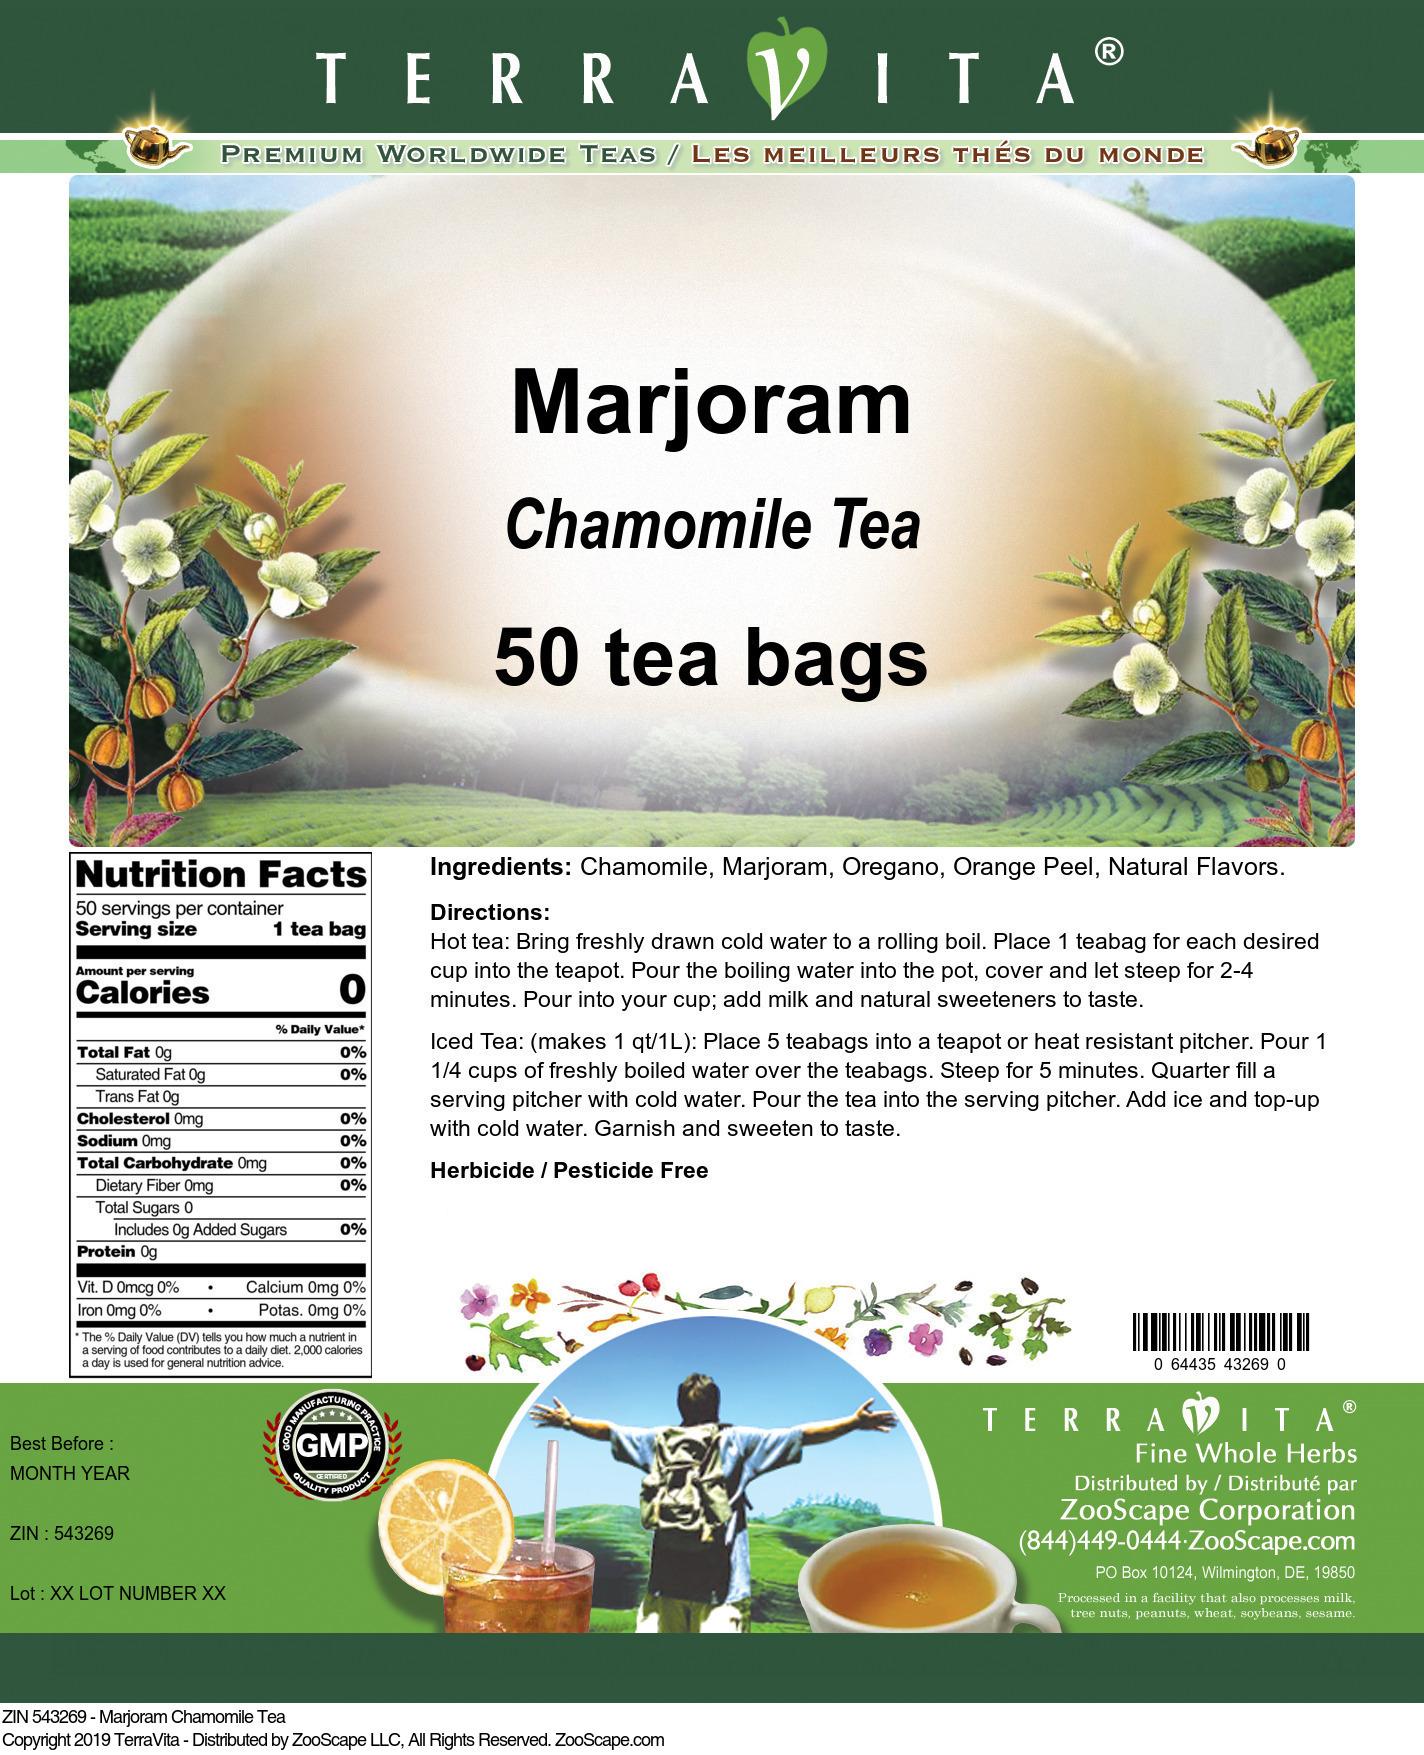 Marjoram Chamomile Tea